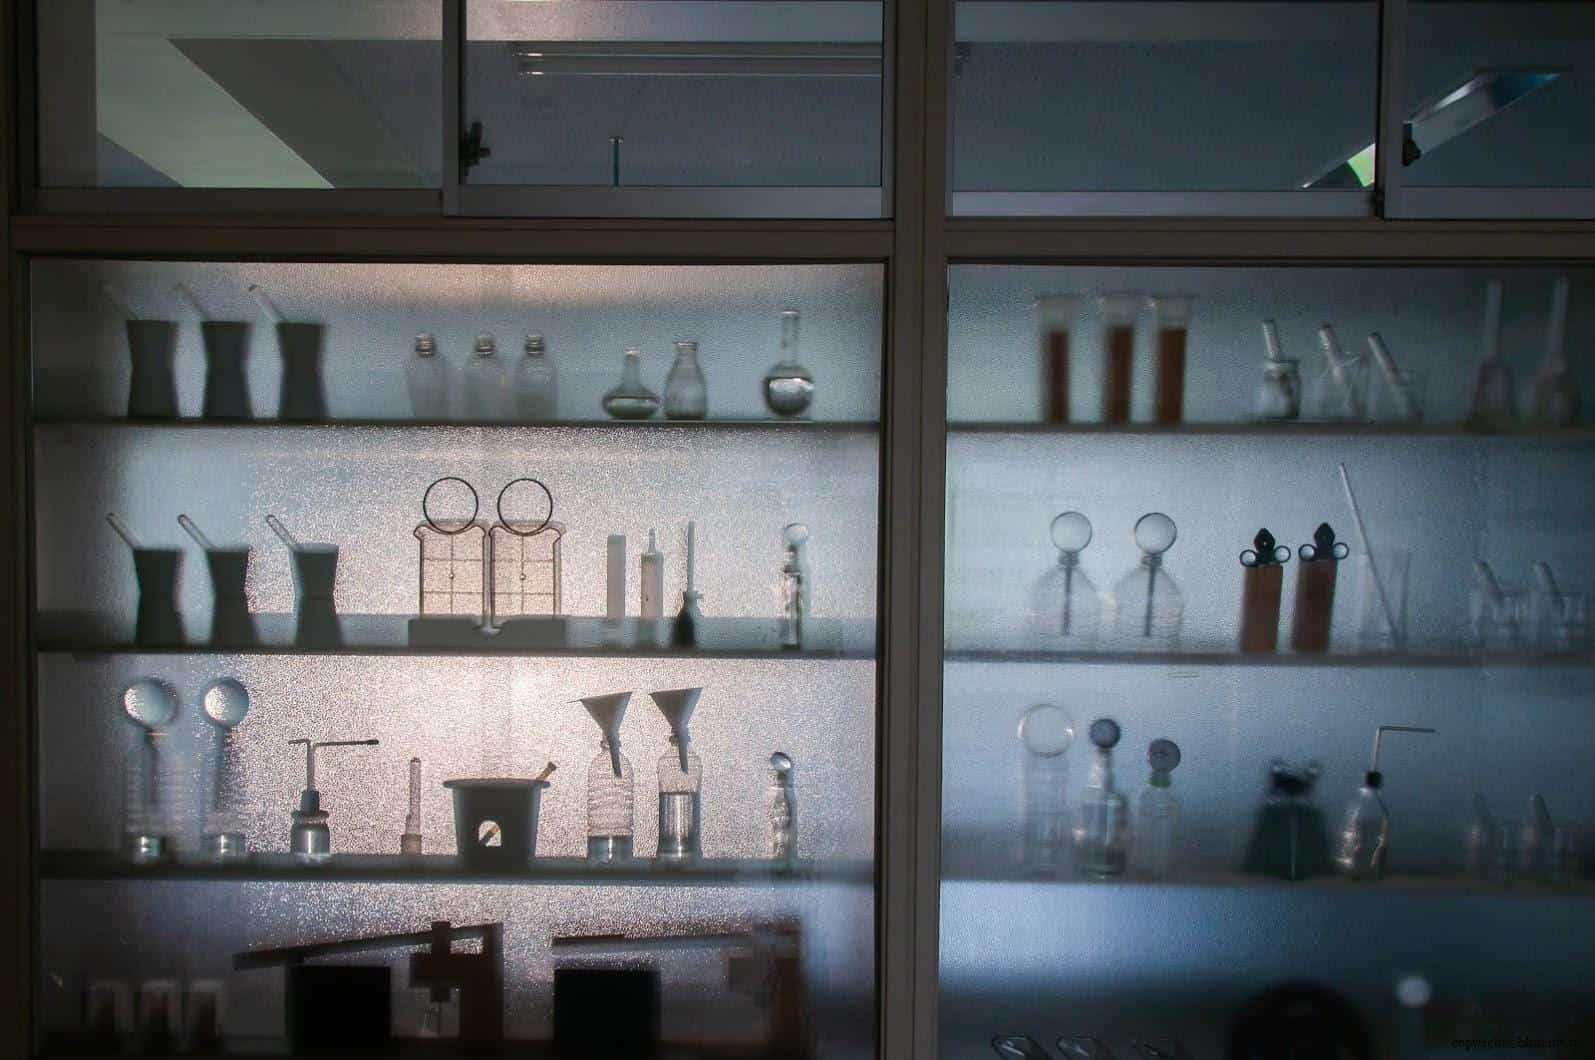 坦雅‧巴達利那,模糊的記憶,在毛玻璃上,透過昏暗的光線,似乎看到了國小科學教室中的實驗器材,回到了那時的回憶中... 模糊的記憶 模糊的記憶/南極雙年展-FRAM號2 stairs to the sky reminiscence vague memory 02